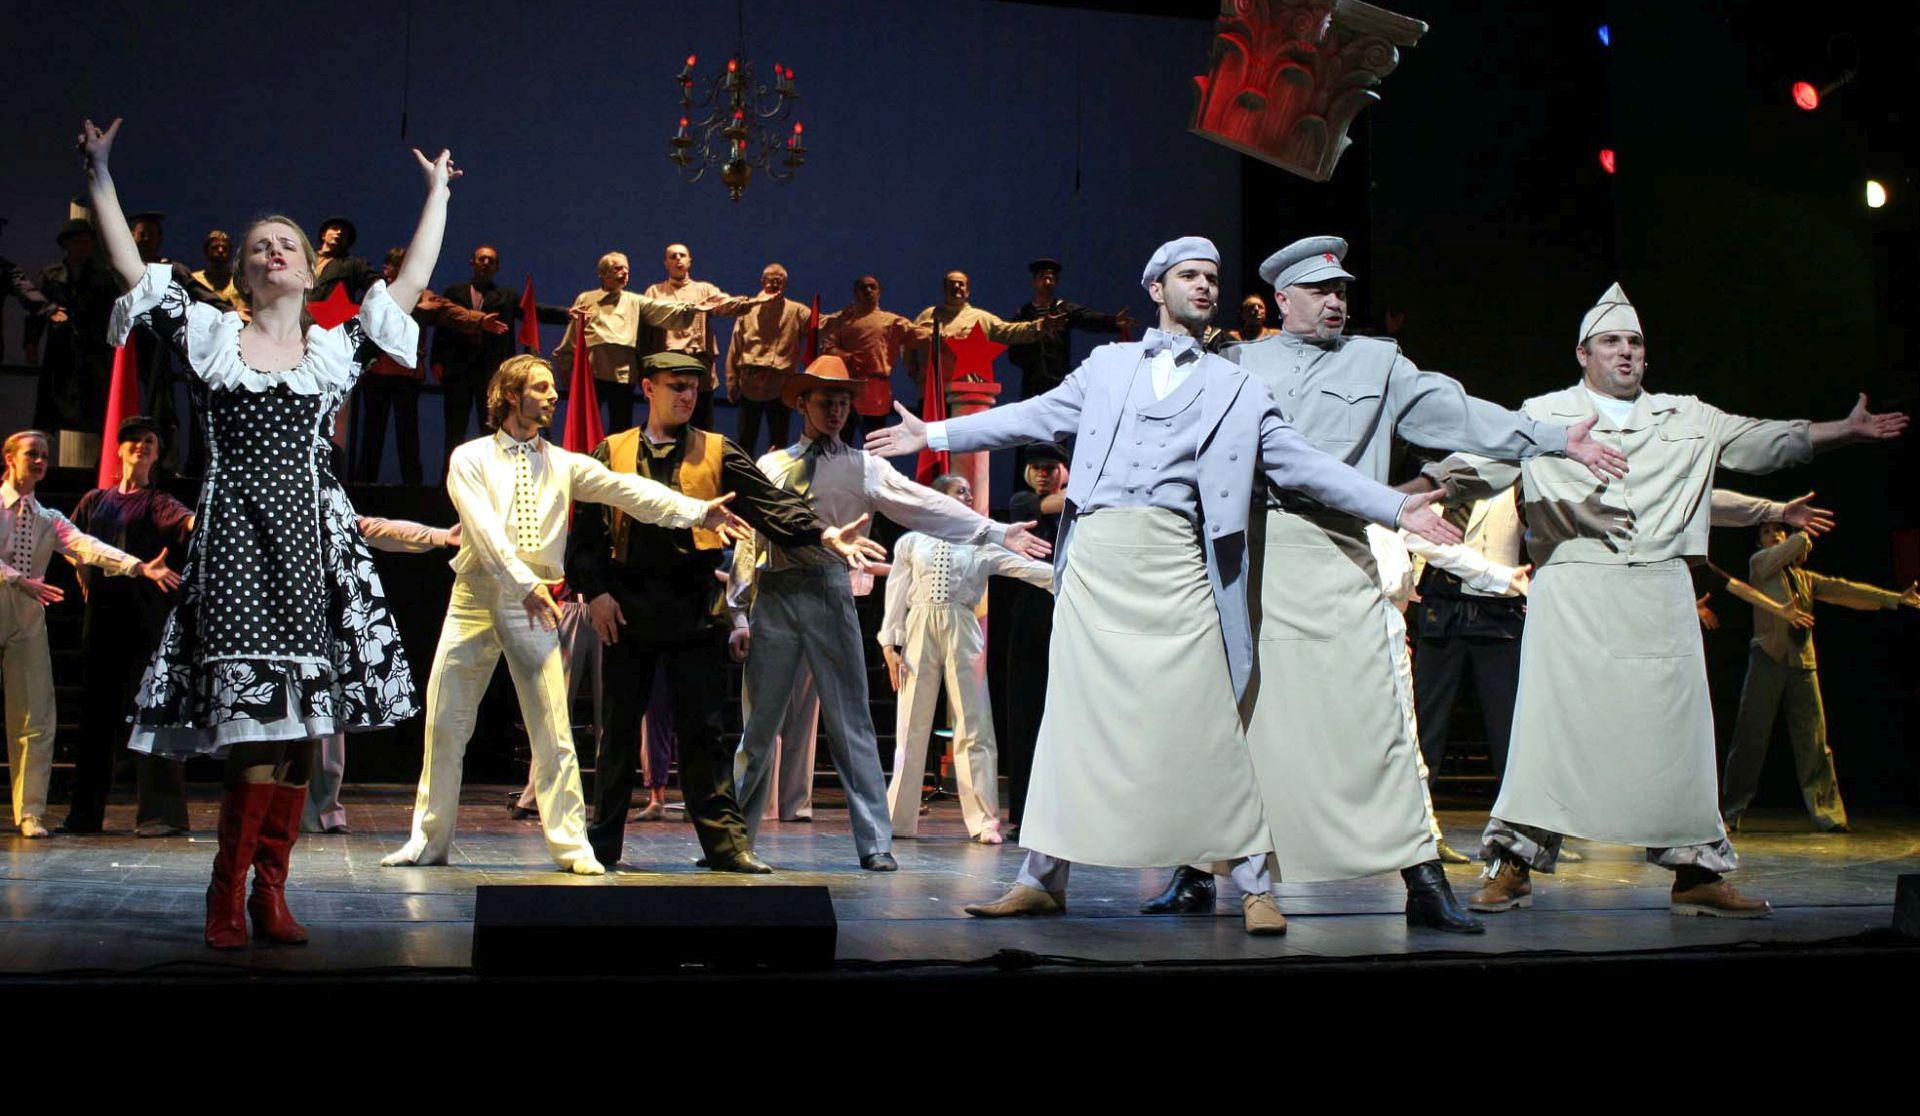 Komedija obilježava 200. izvedbu najnovije produkcije mjuzikla 'Jalta, Jalta'